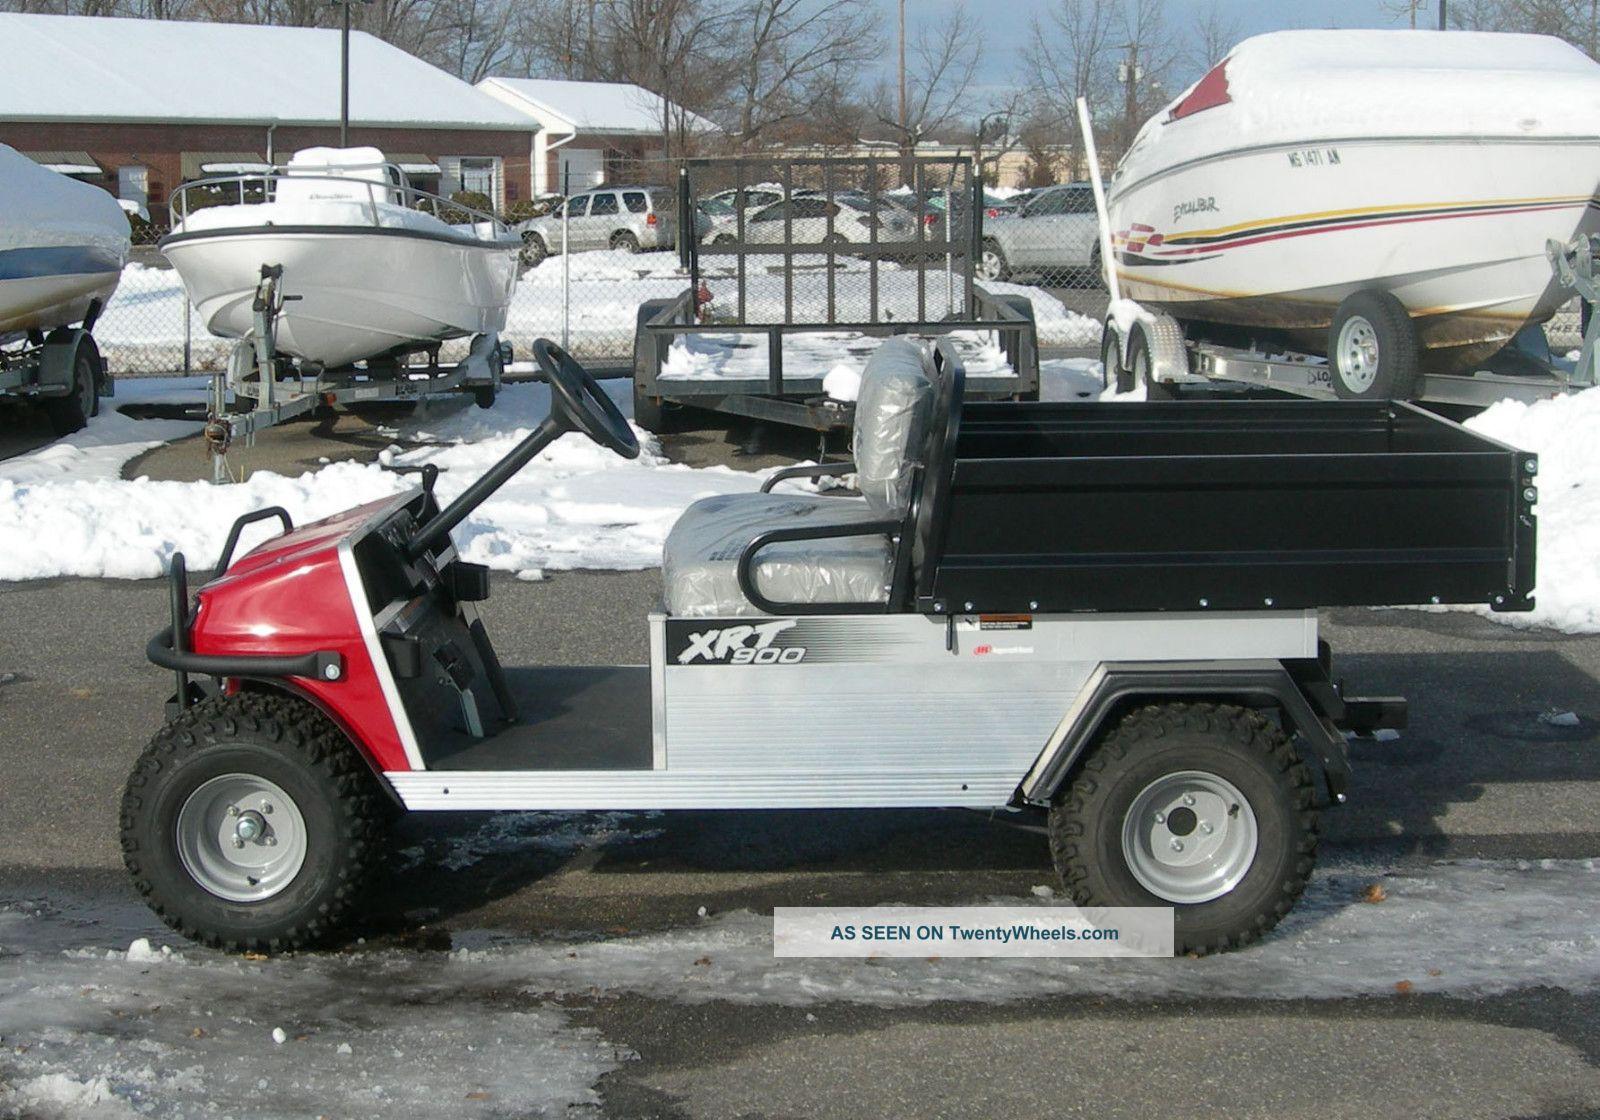 yamaha g16 golf cart engine diagram  yamaha  free engine